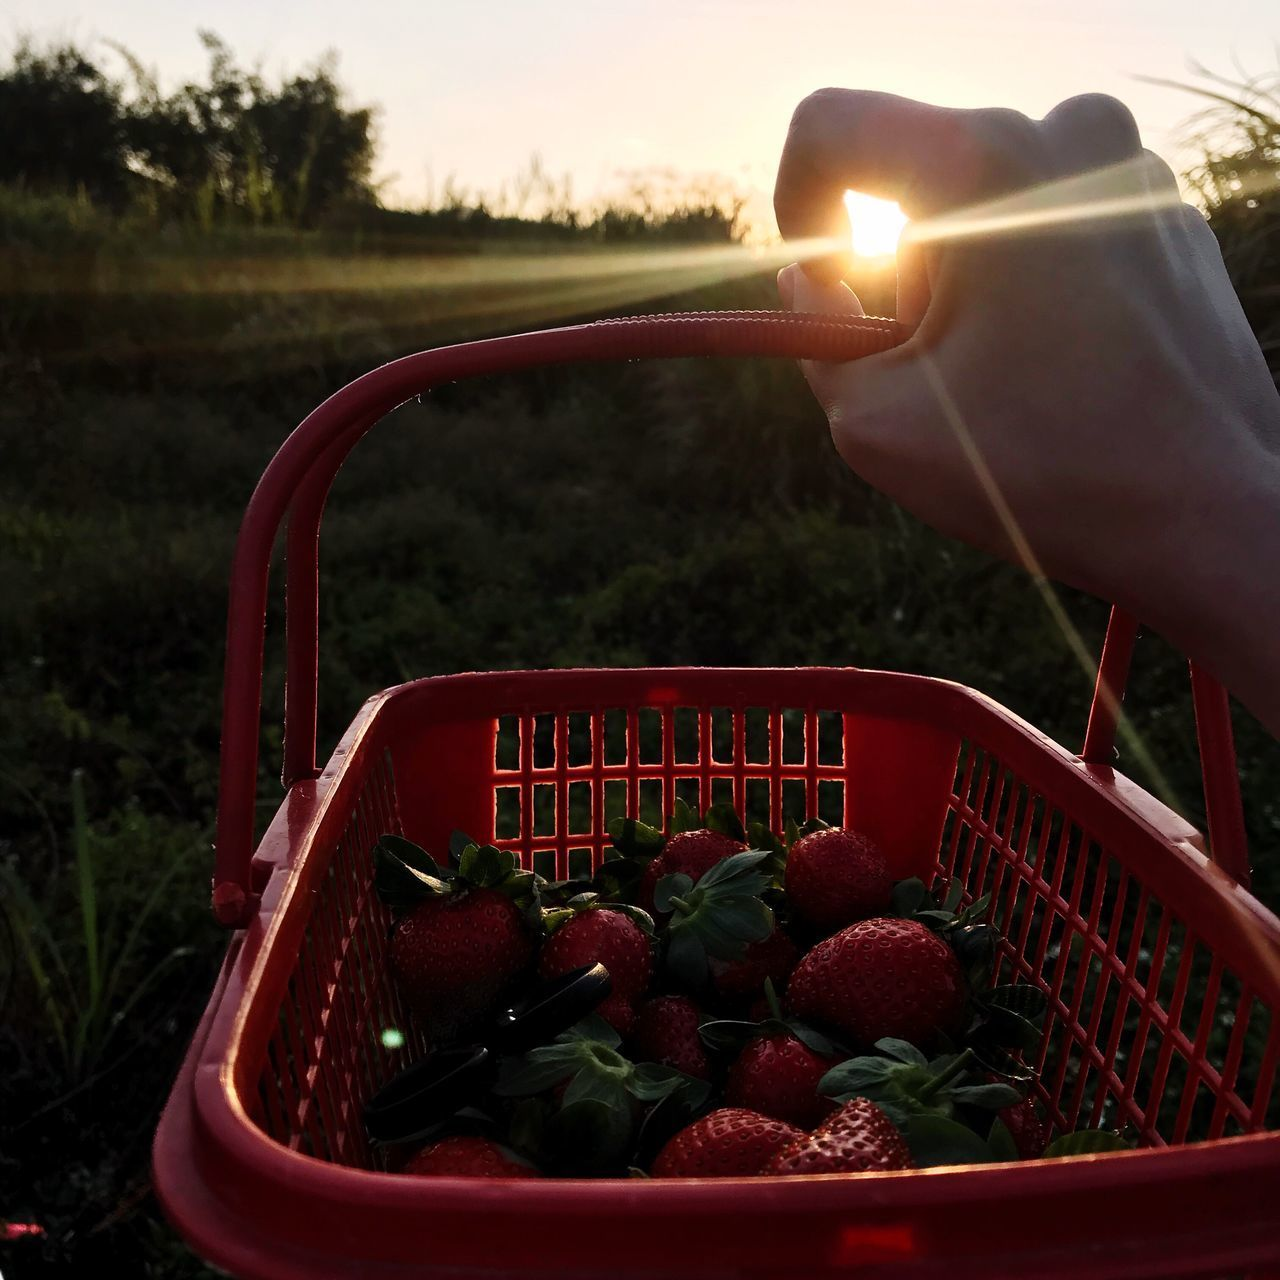 阳光草莓 Strawberry 🍓strawberry Human Hand Food And Drink Red Basket Outdoors Human Body Part Agriculture Food